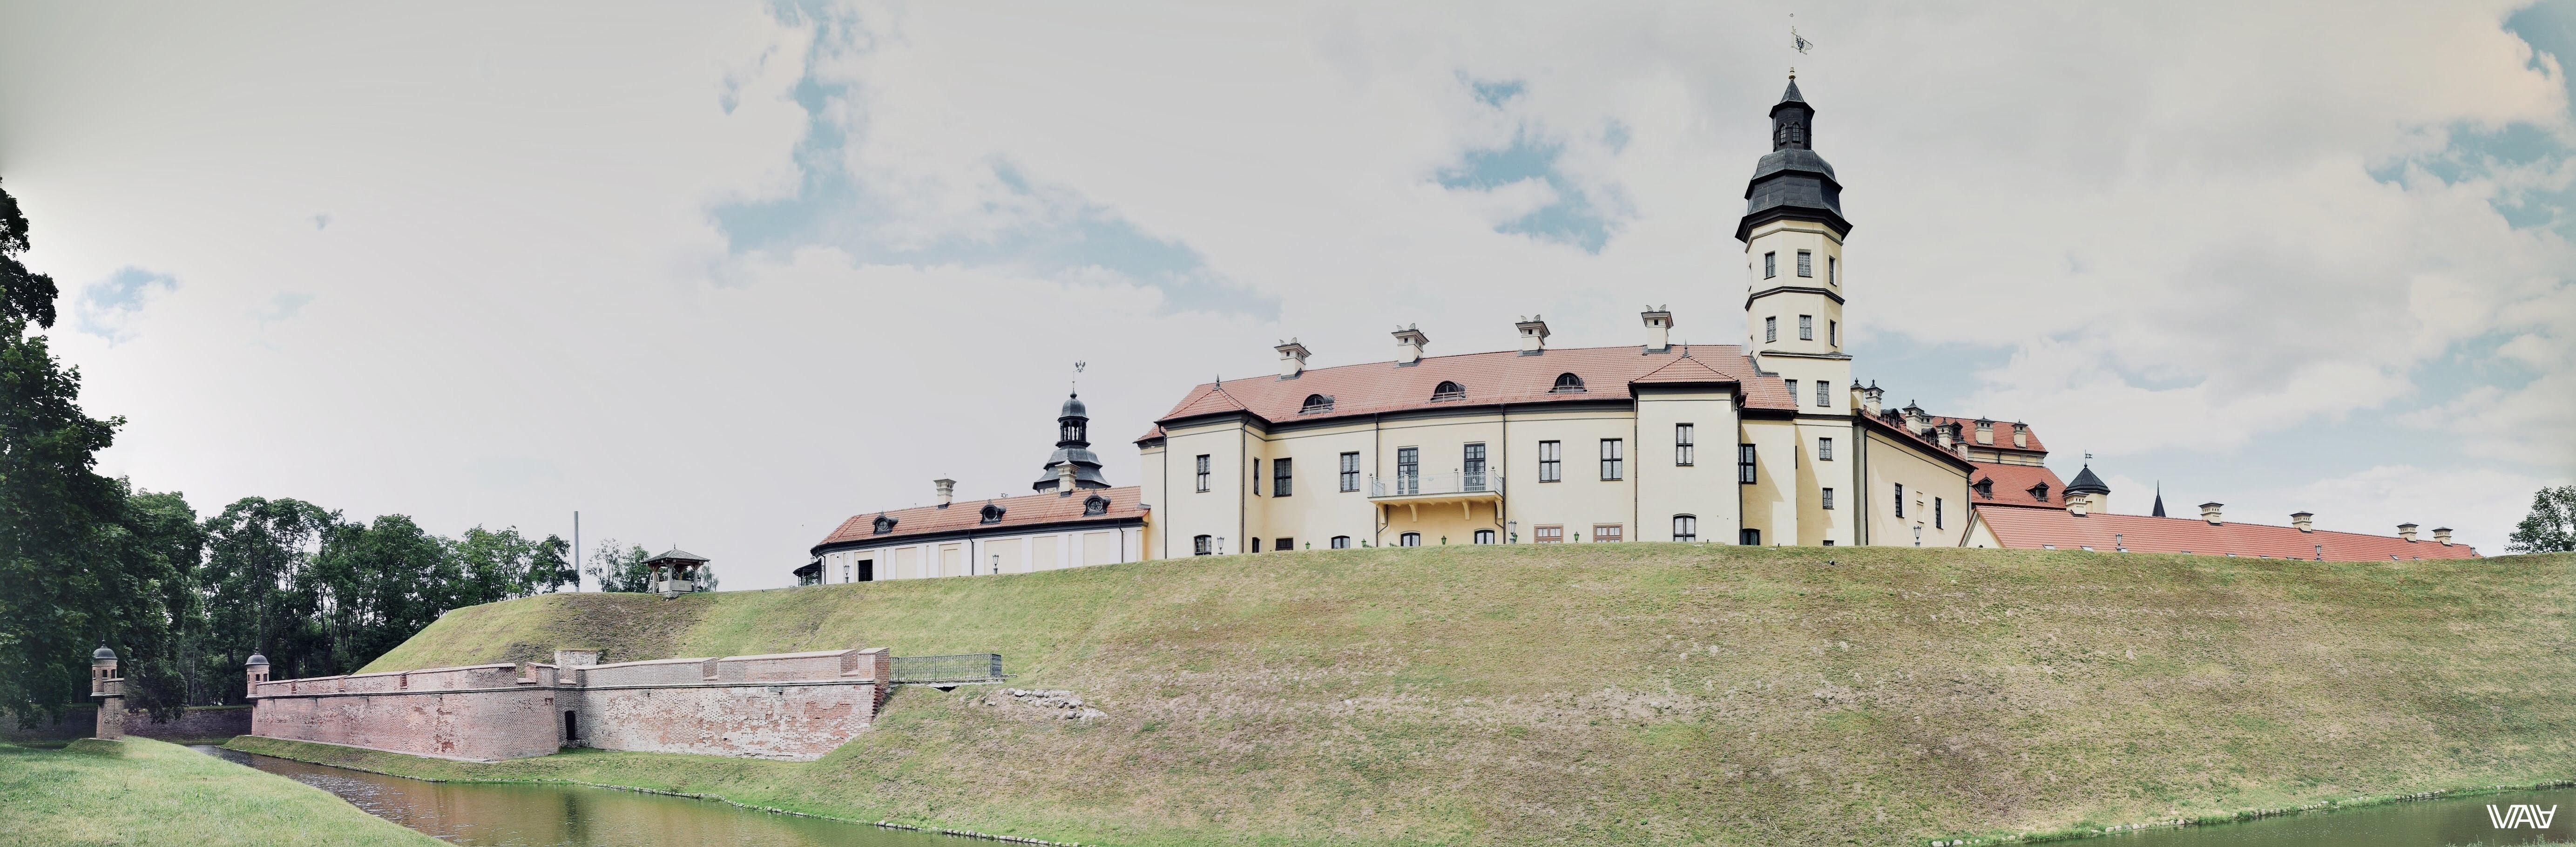 Первая панорама замка. Несвижский замок, Несвиж, Беларусь